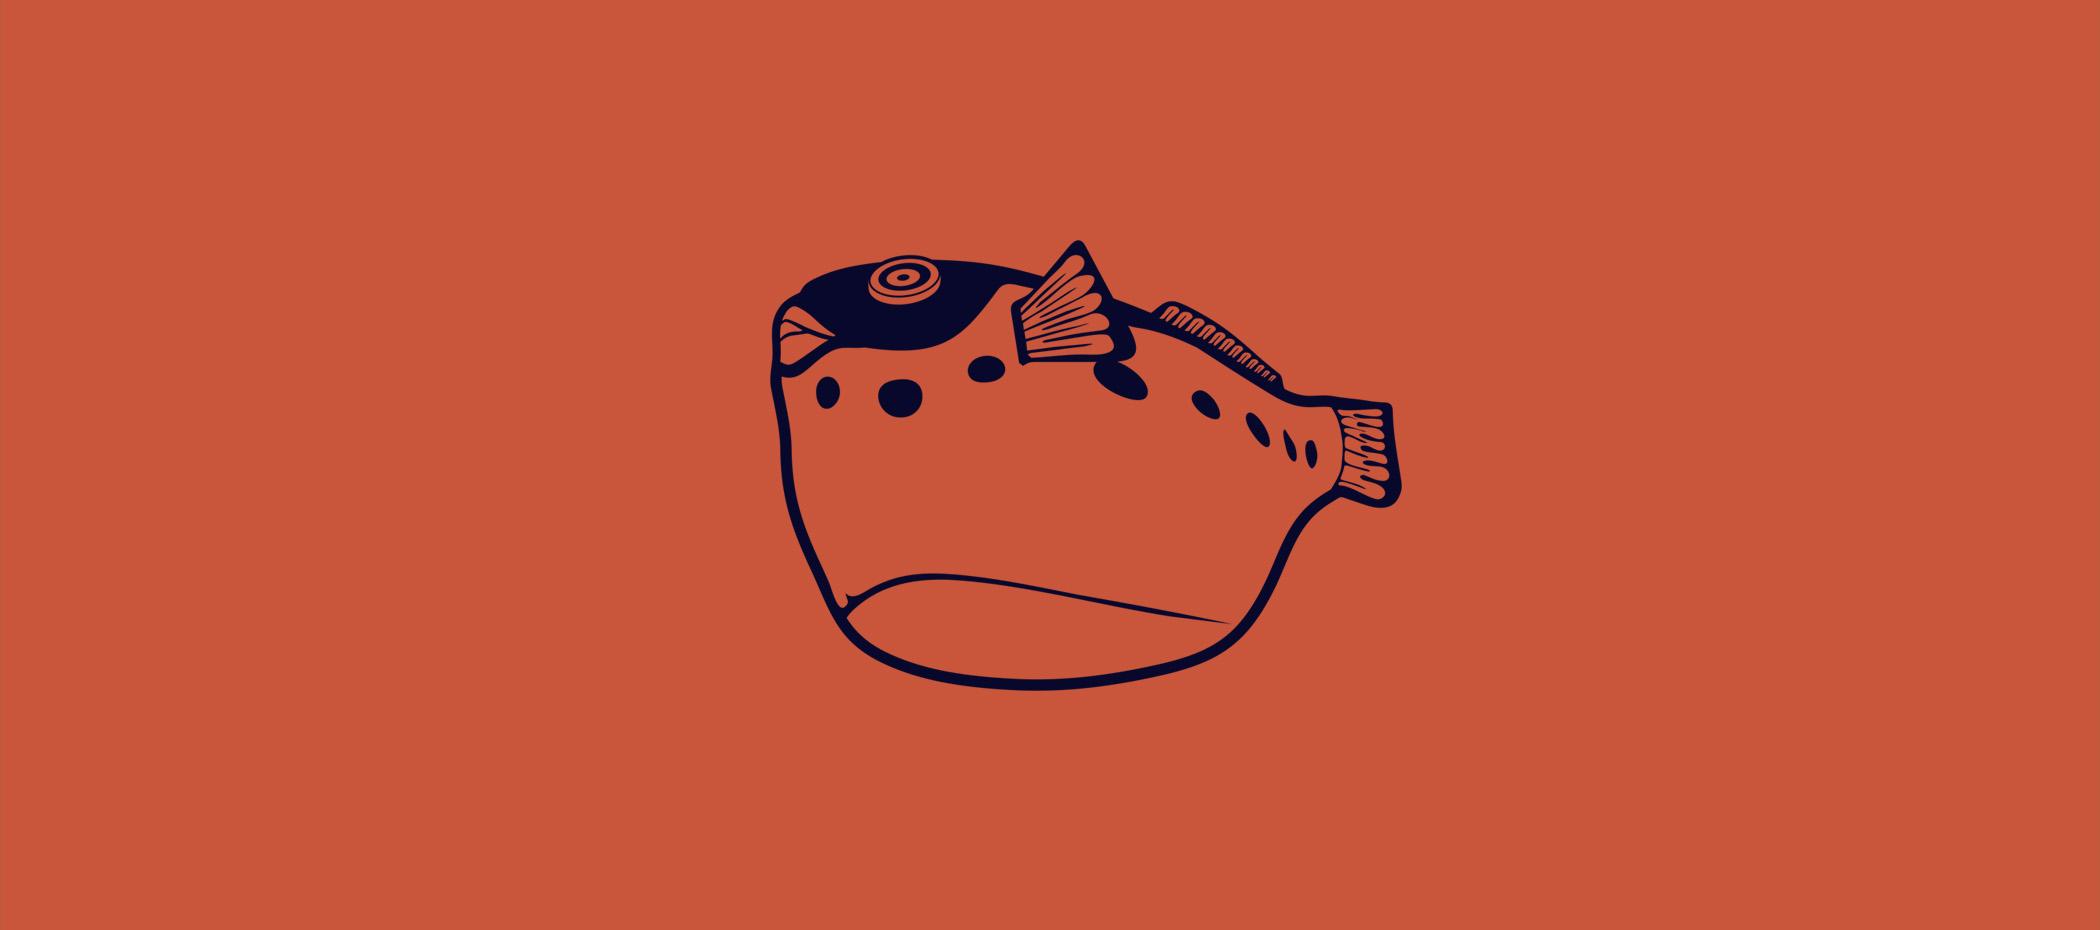 diseño logotipo - Beusual - diseño grafico santander - pez globo